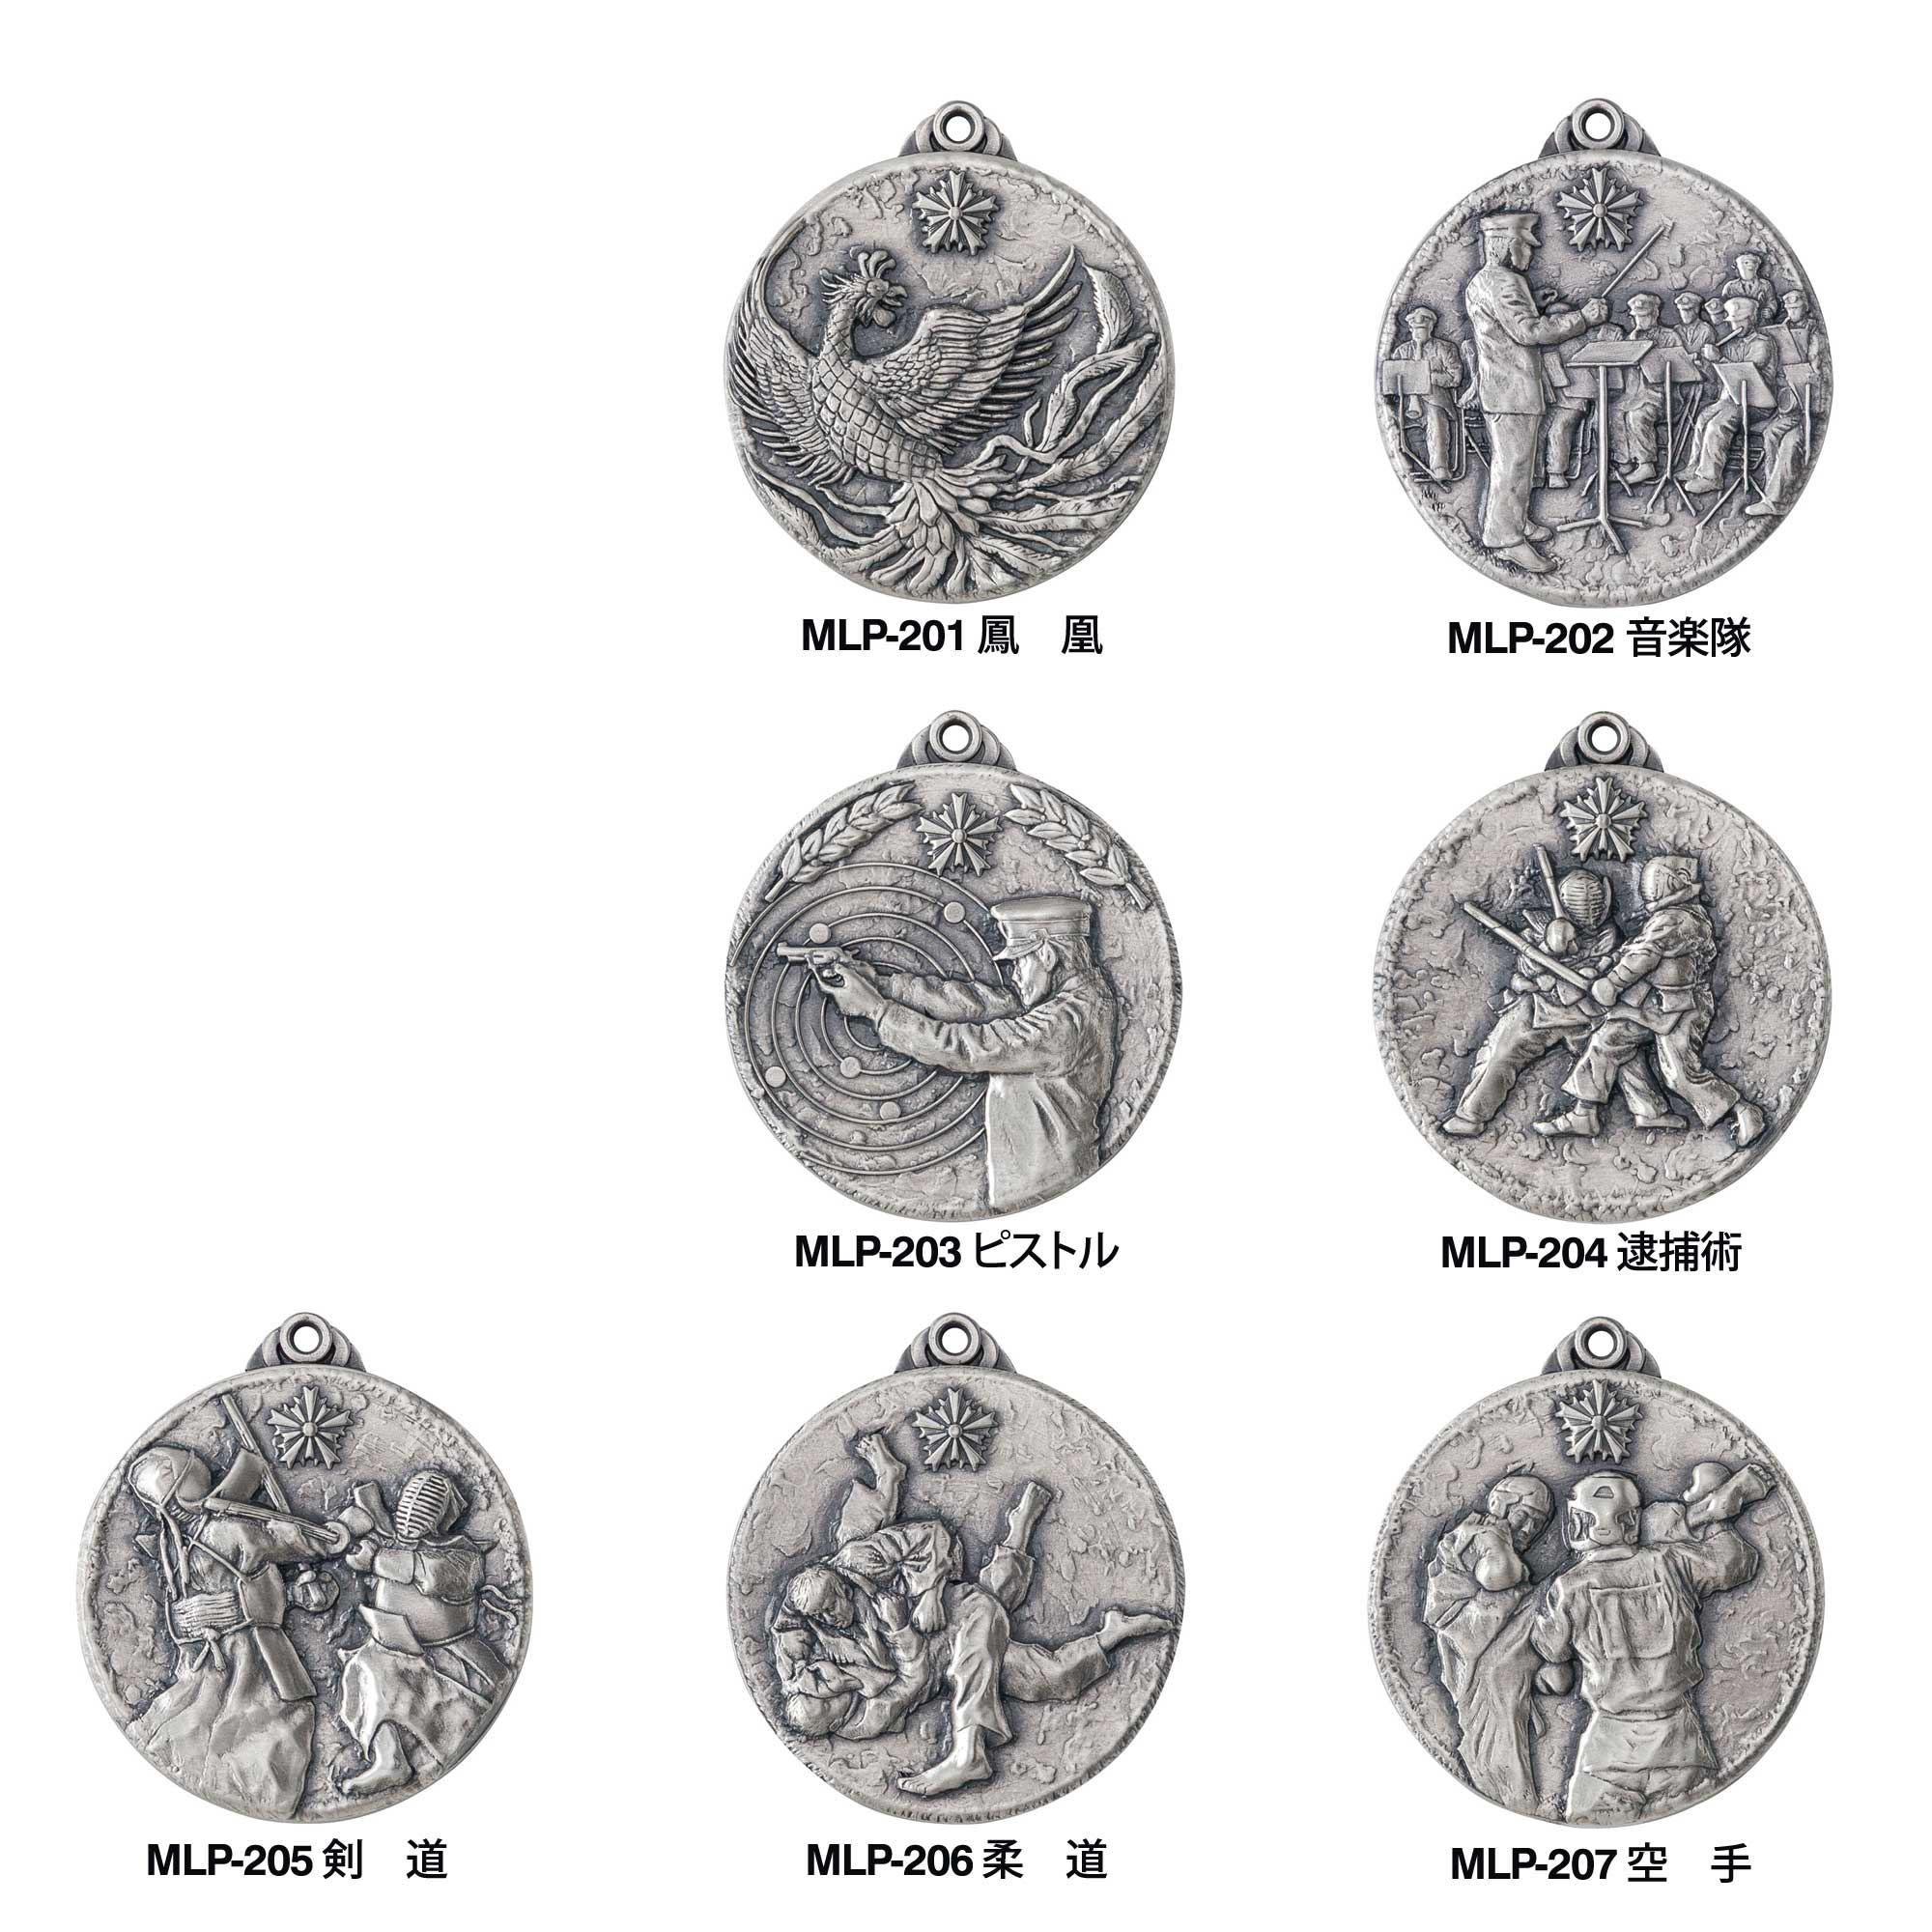 MLP交換メダル一覧